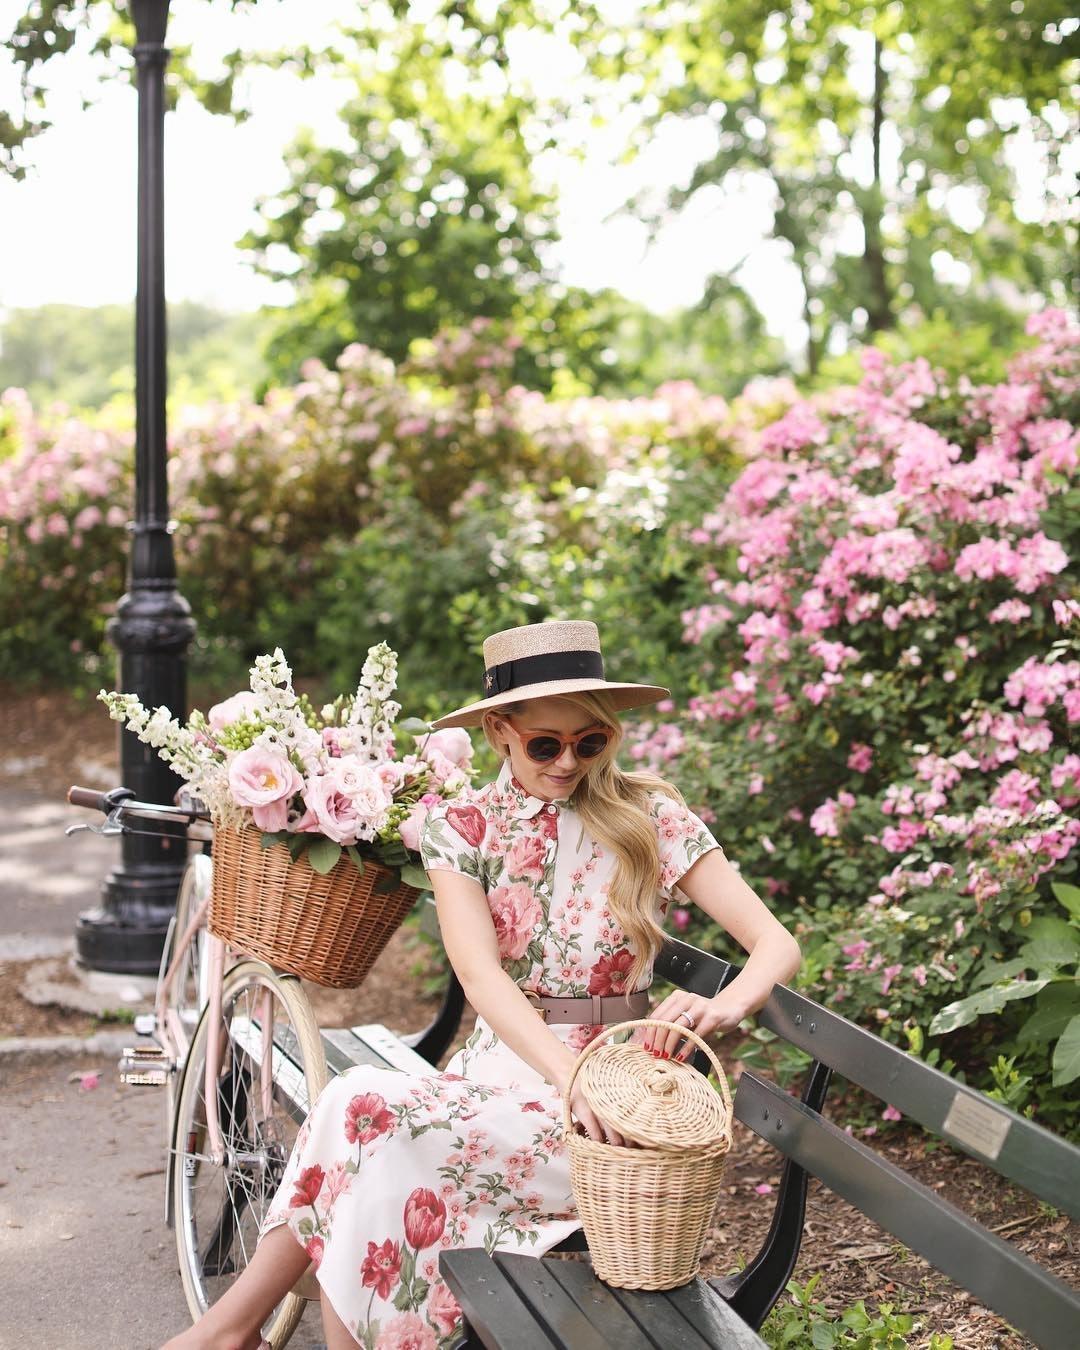 Frühlingshaftes Stimmungbild mit einer Frau mit Sonnebrille und Hut, die auf einer Parkbank sitzt. Ihr Fahrrad lehnt an der Bank und im geflochtenen Fahrradkorb ist ein prächtiger Blumenstrauß.